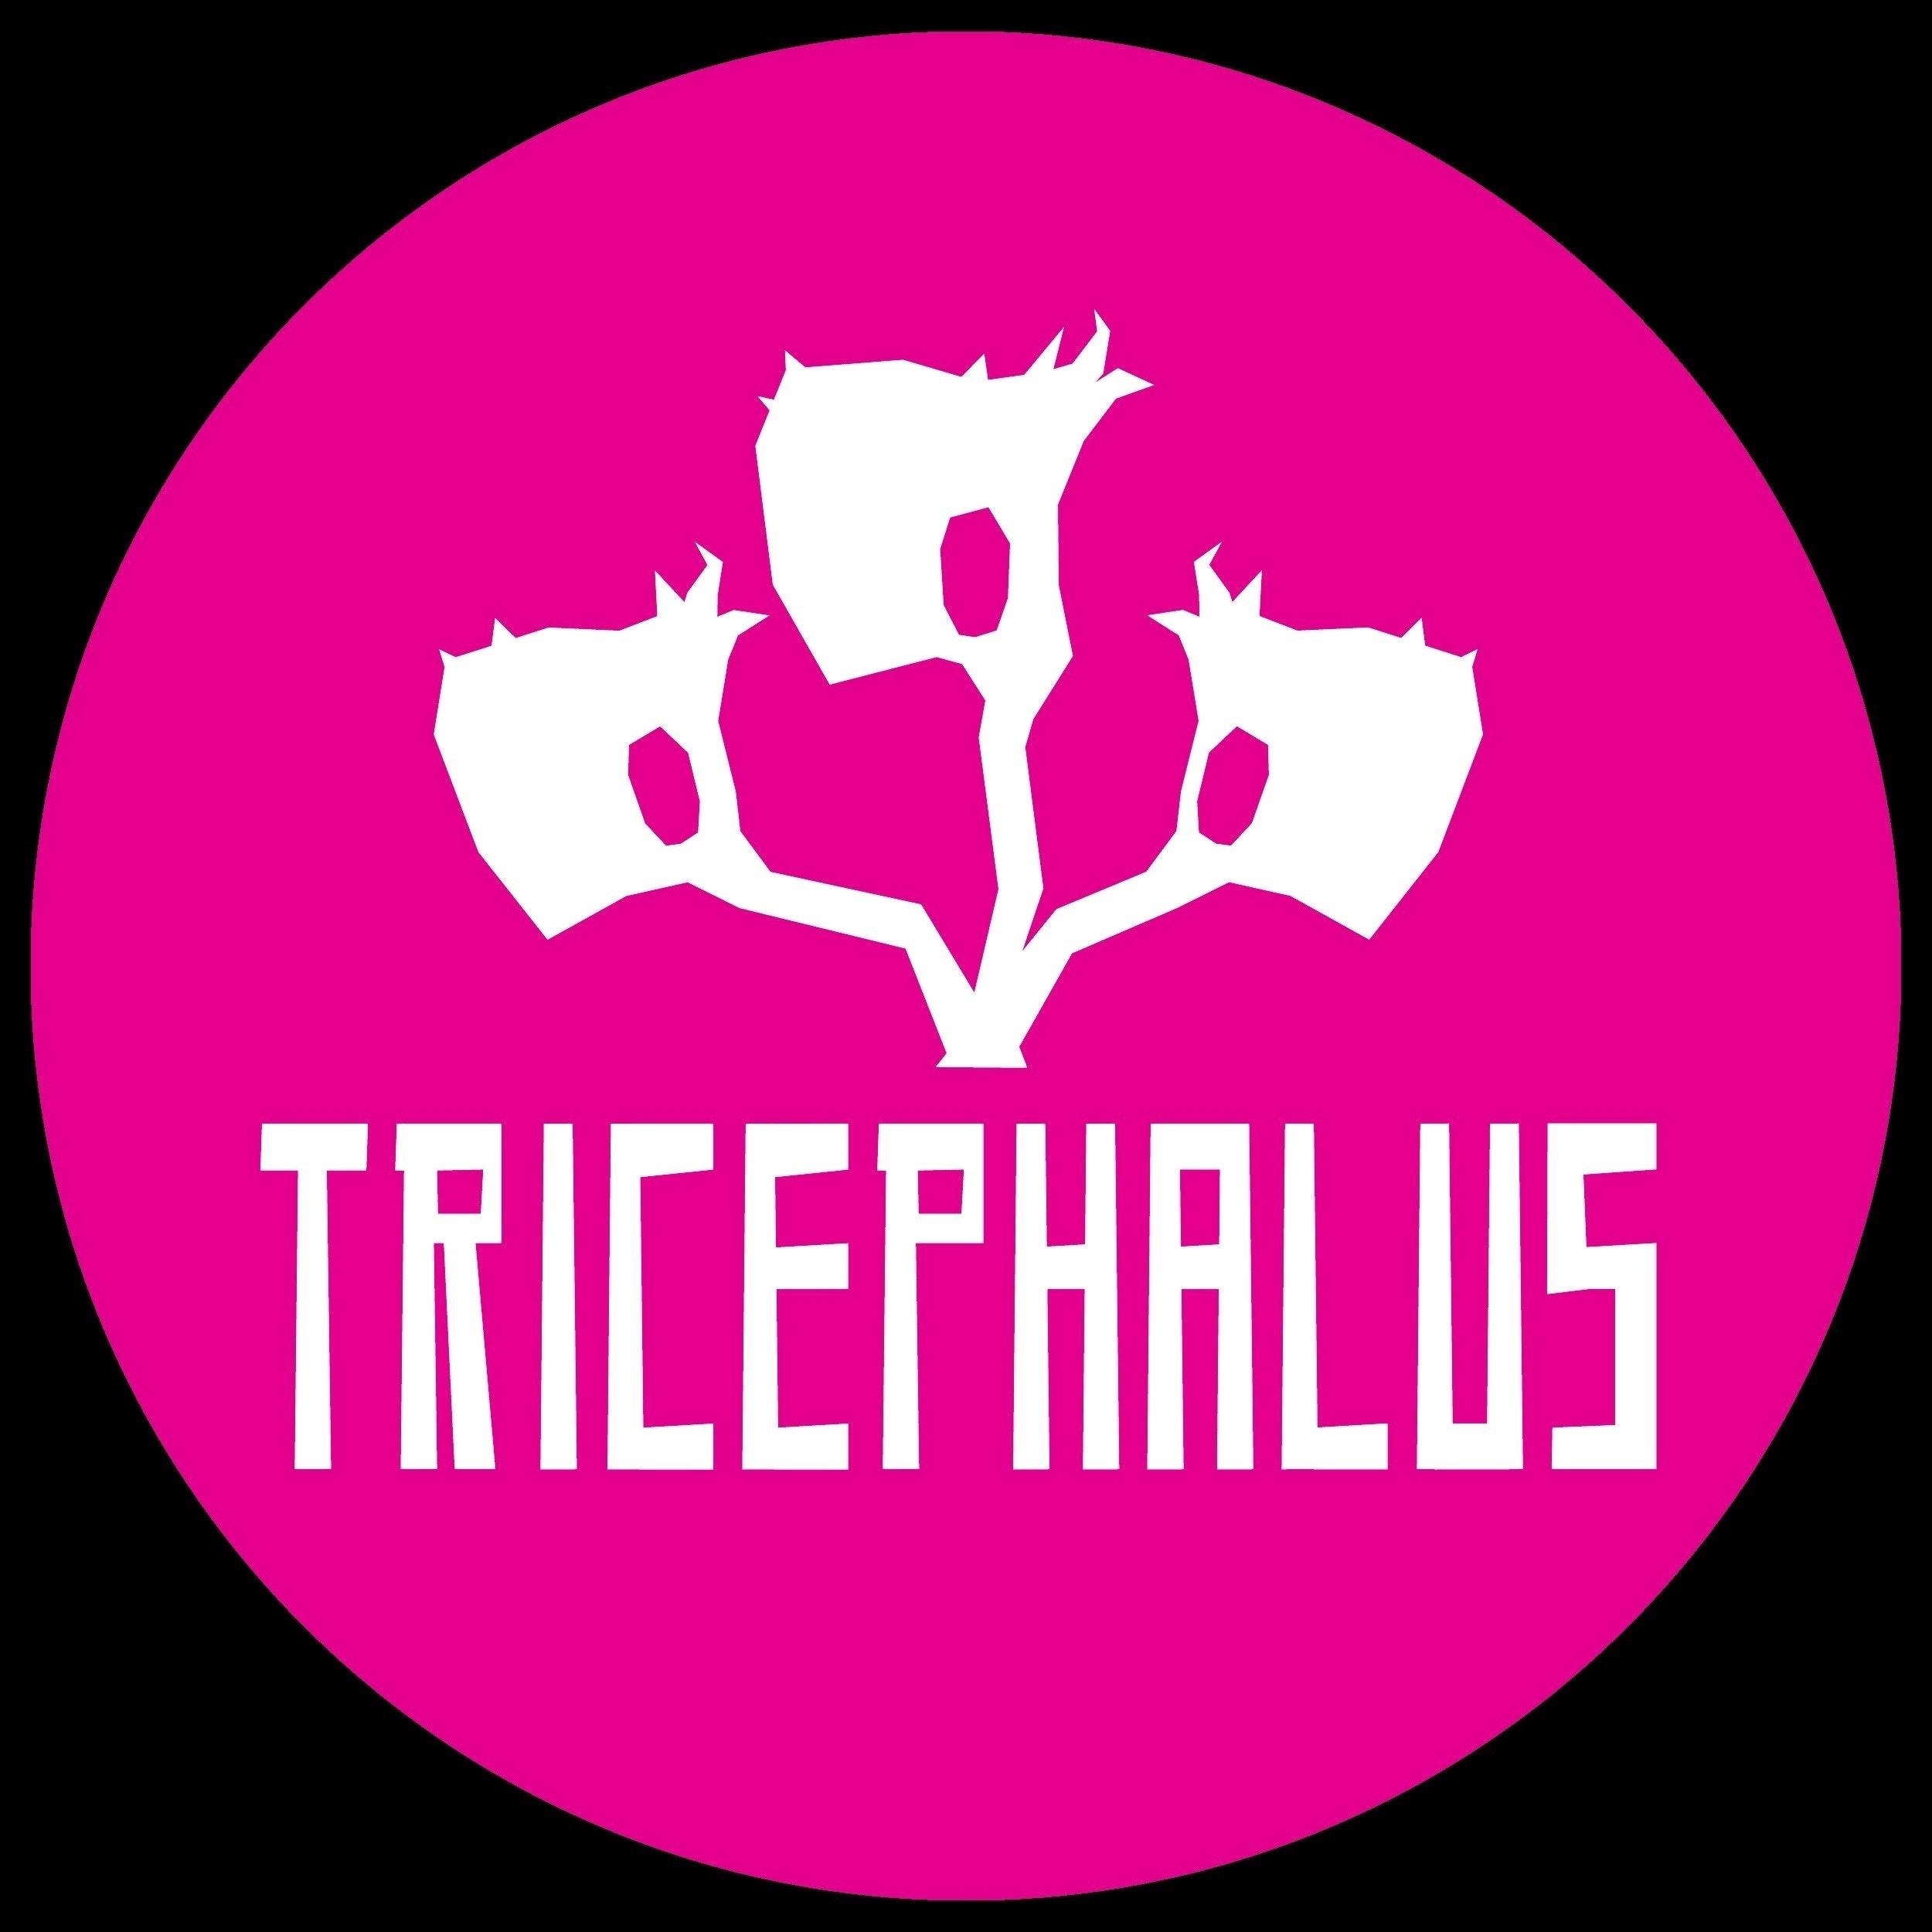 Tricephalus